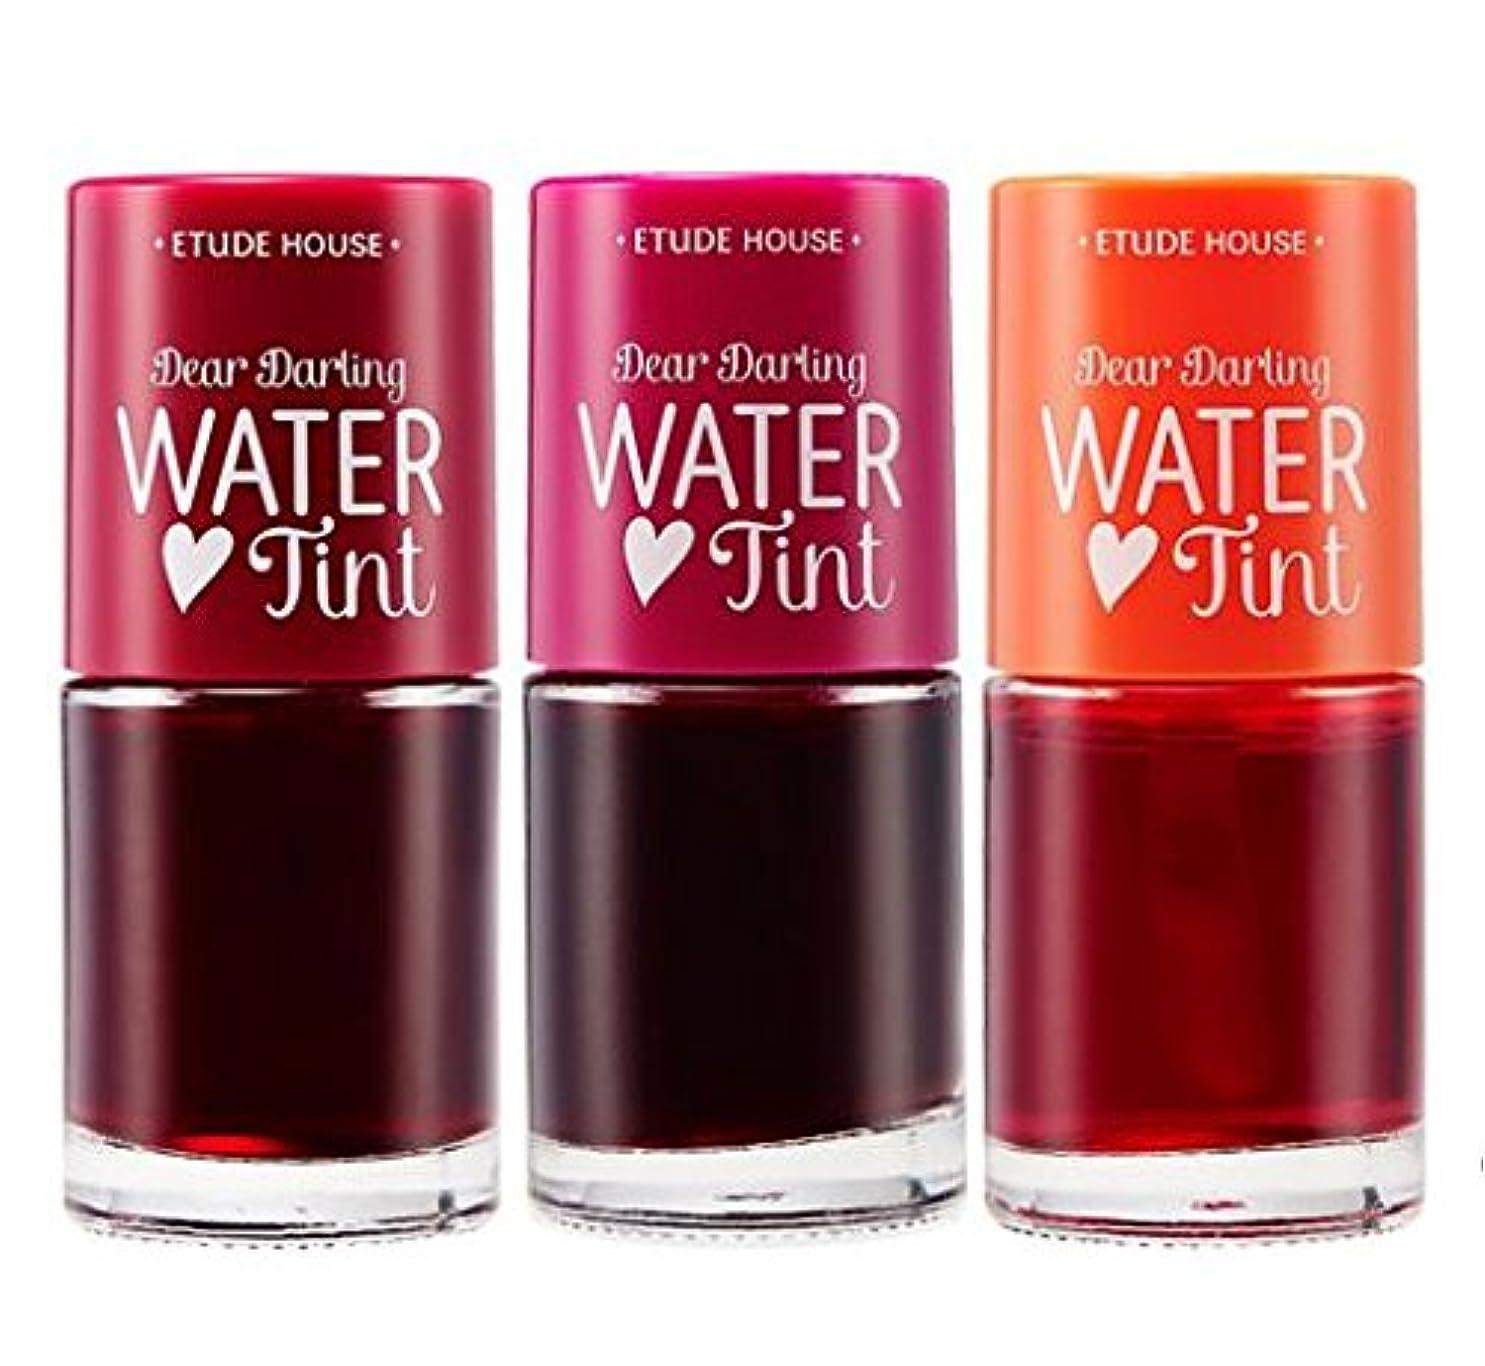 スワップ朝郵便番号[エチュードハウス] ETUDE HOUSE dear darling water tint ディア ダーリン ウォーター ティント3個セット [並行輸入品]